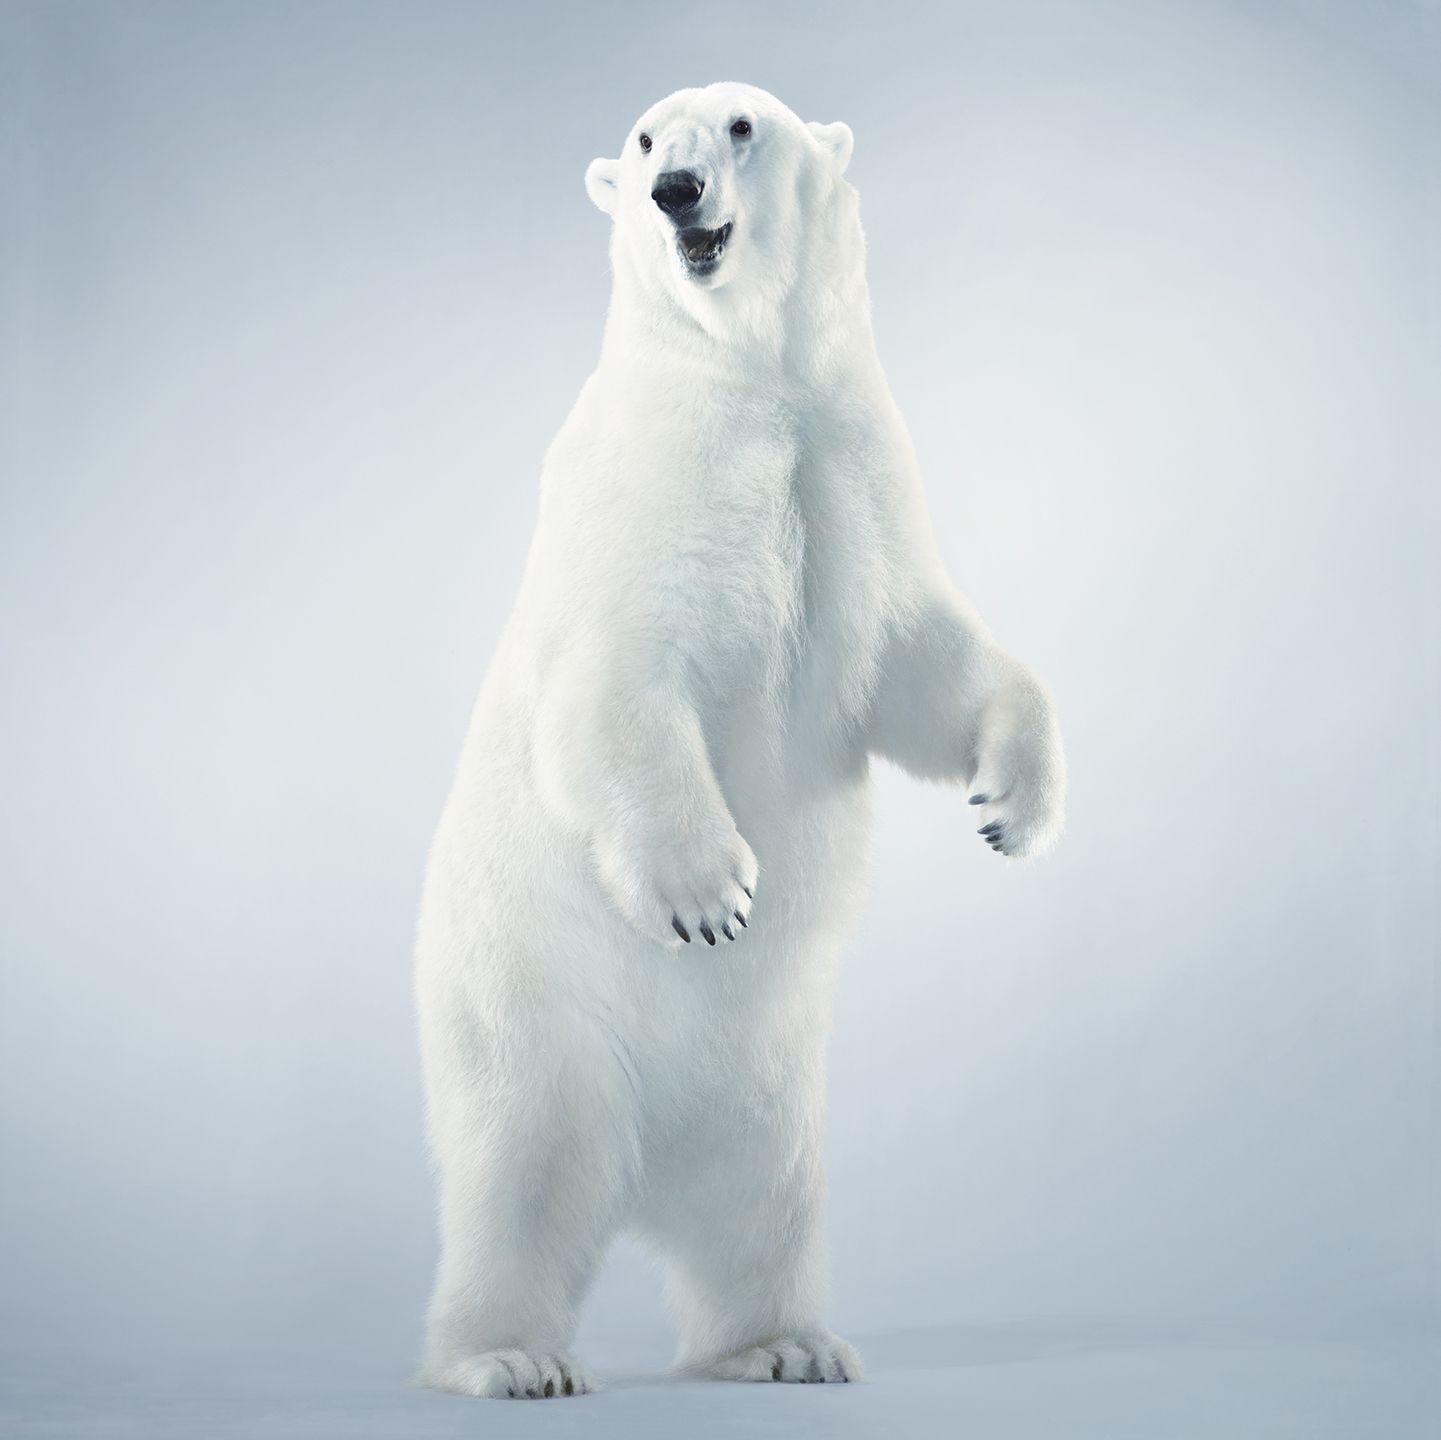 HOR_EndangeredSpeciesAct_03_161939671